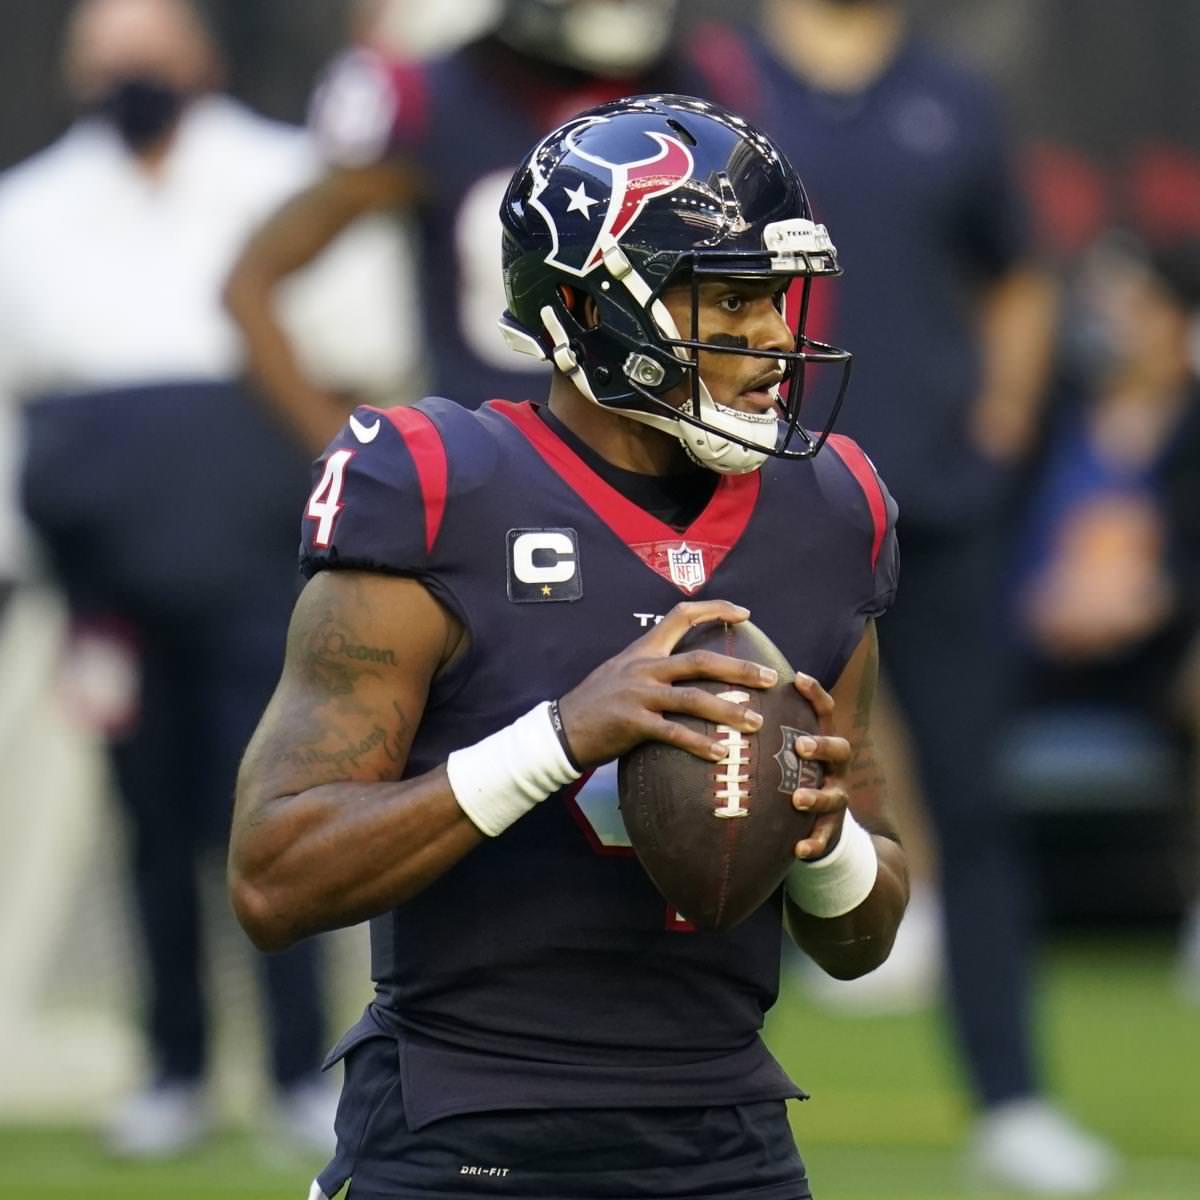 Rumores da NFL: novidades sobre Urban Meyer, Deshaun Watson Trade Buzz e muito mais